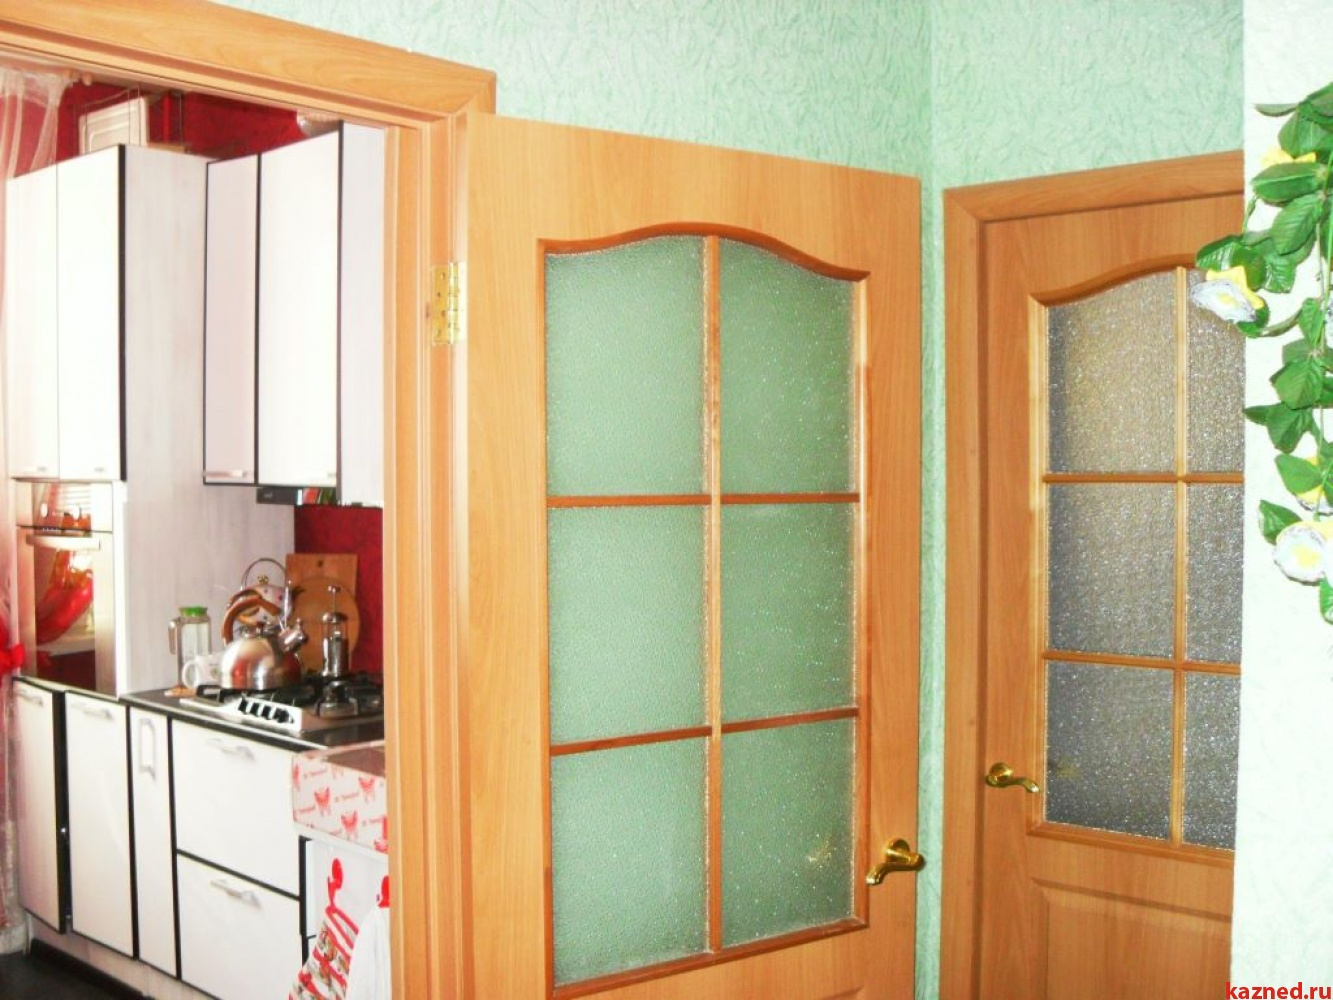 2-комн квартира ул. Белинского, 6 (миниатюра №10)